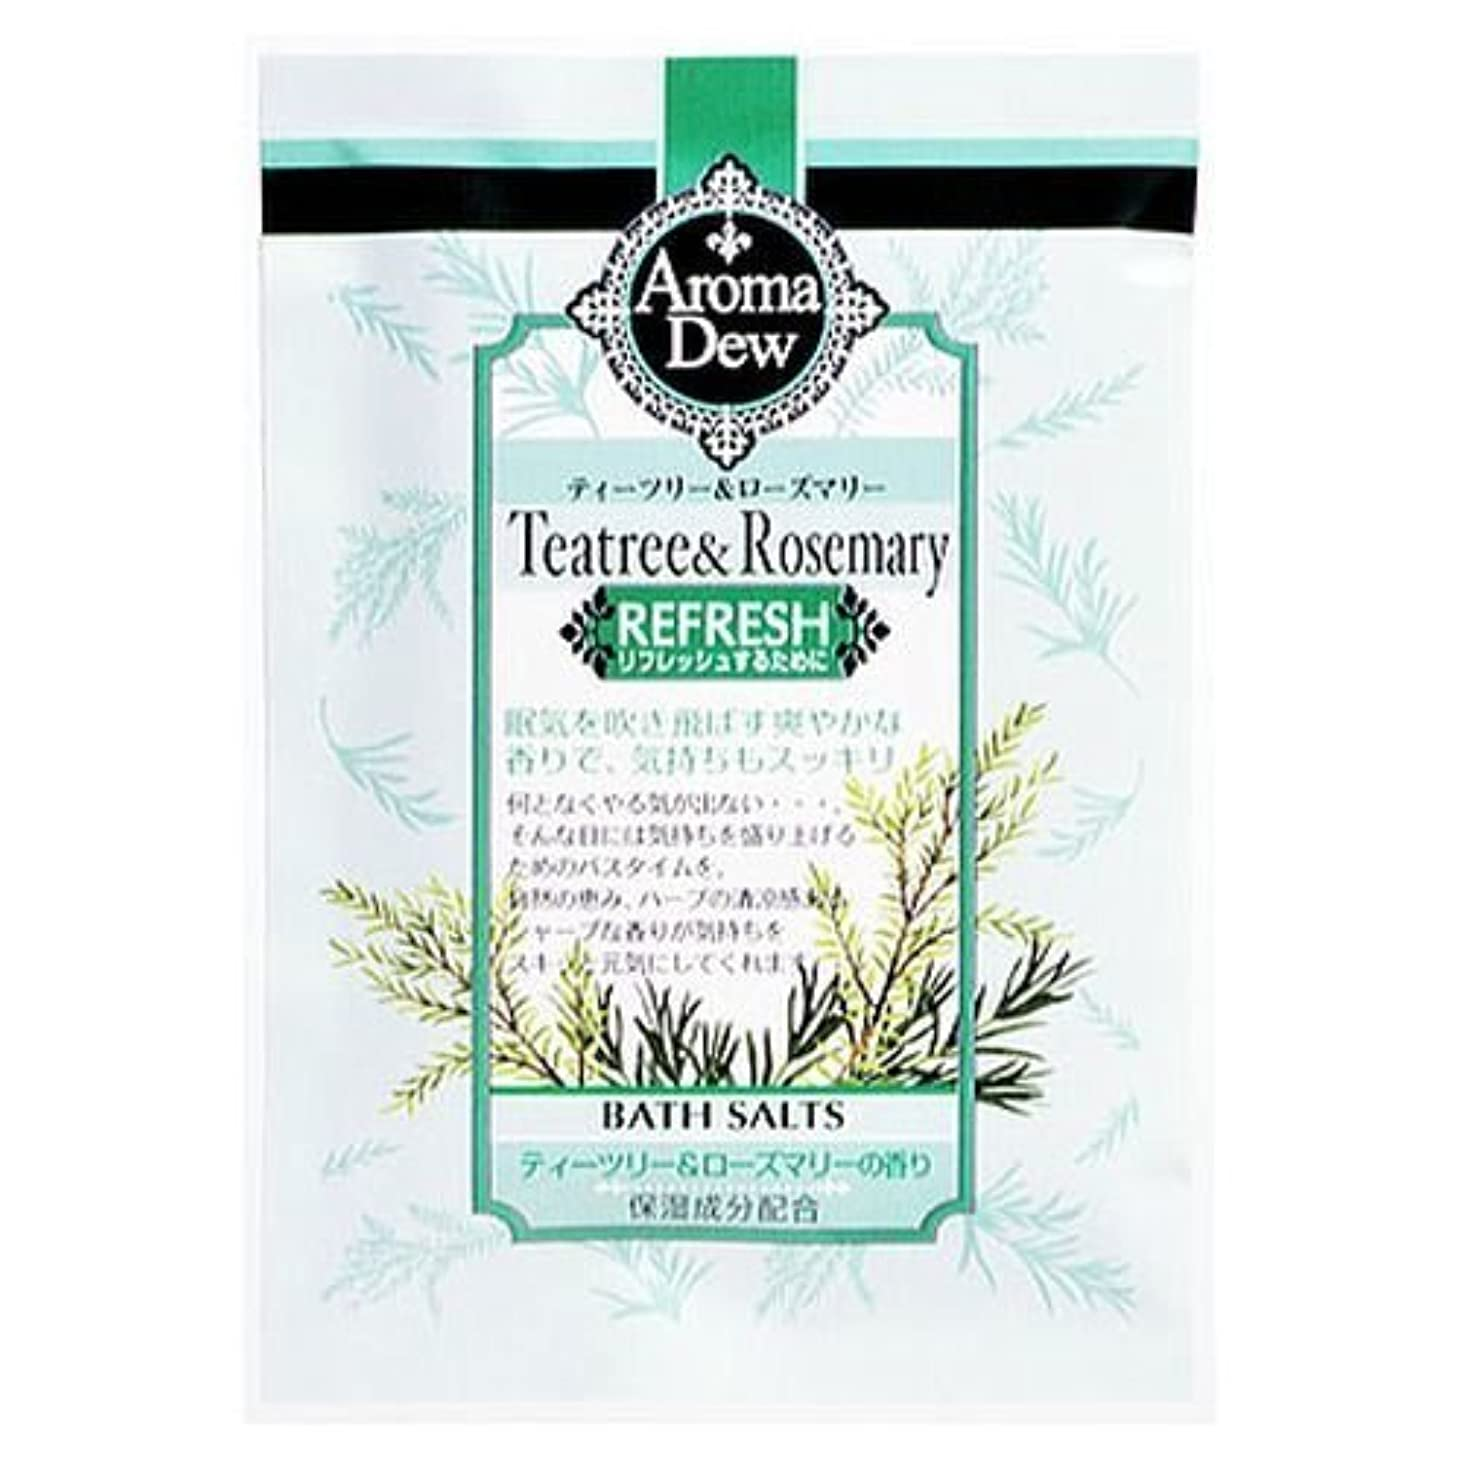 常識金属小麦粉アロマデュウ バスソルト ティーツリー&ローズマリーの香り ティーツリー&ローズ